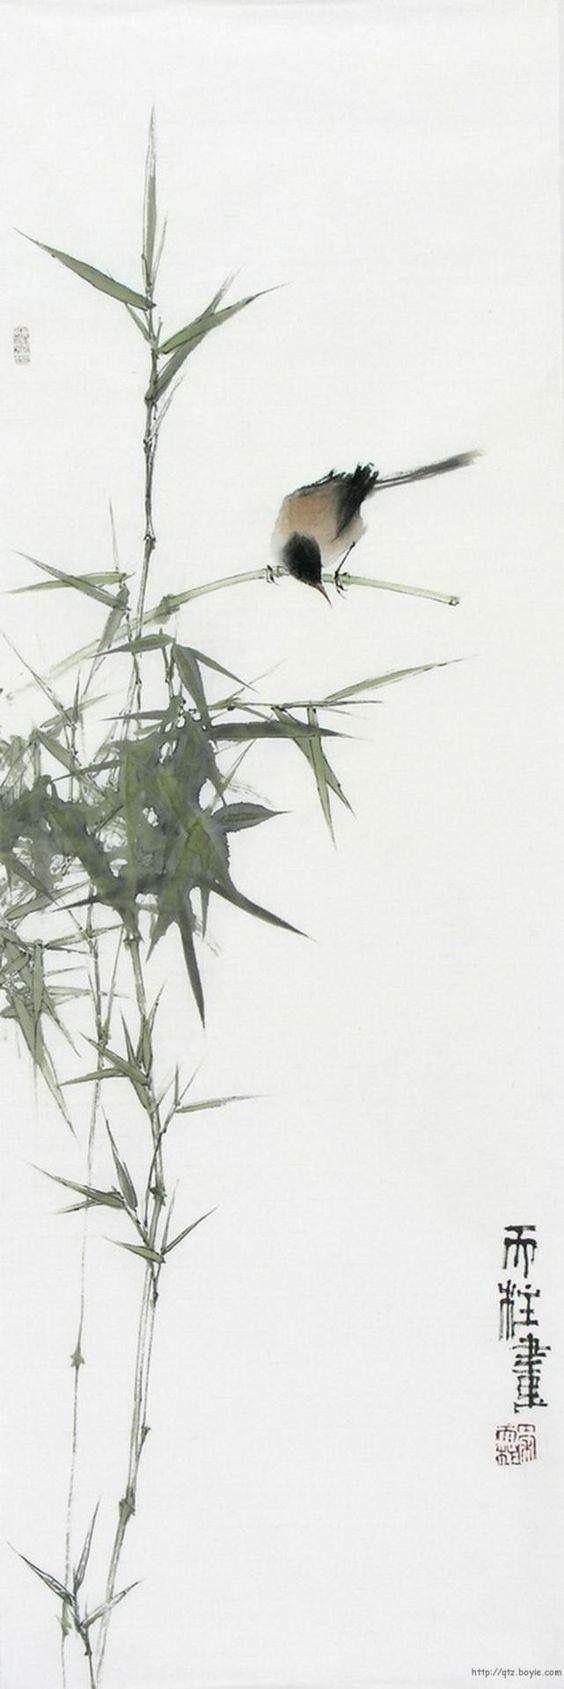 Qin tianzhu bambou en 2019 arte de acuarela acuarela japon s et pinturas de tinta - Dessin arbre chinois ...